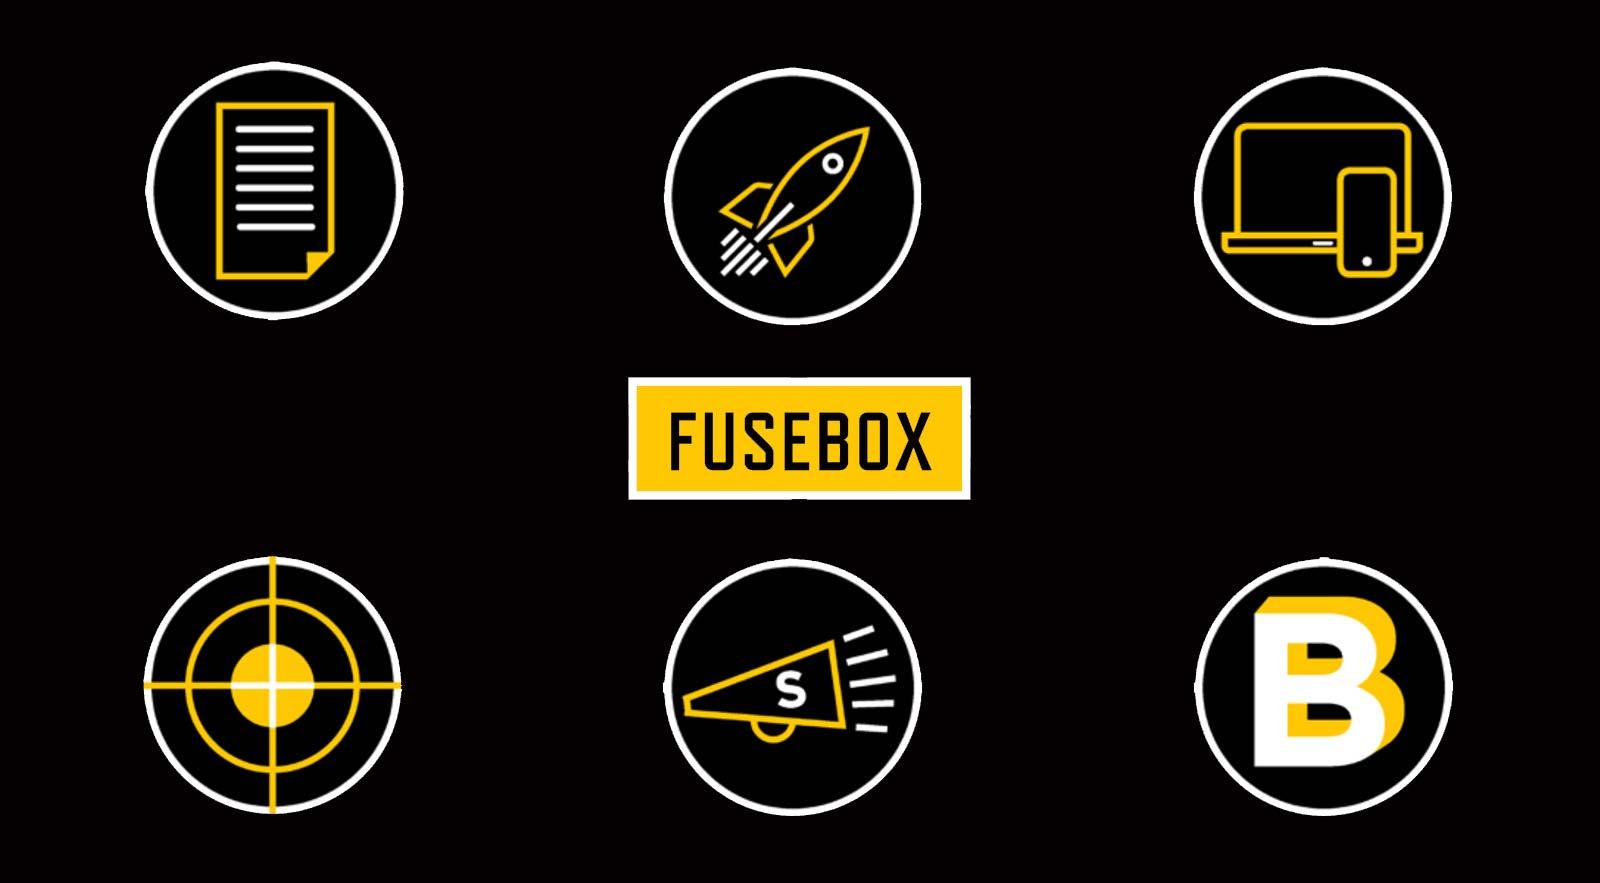 Fusebox areas of focus